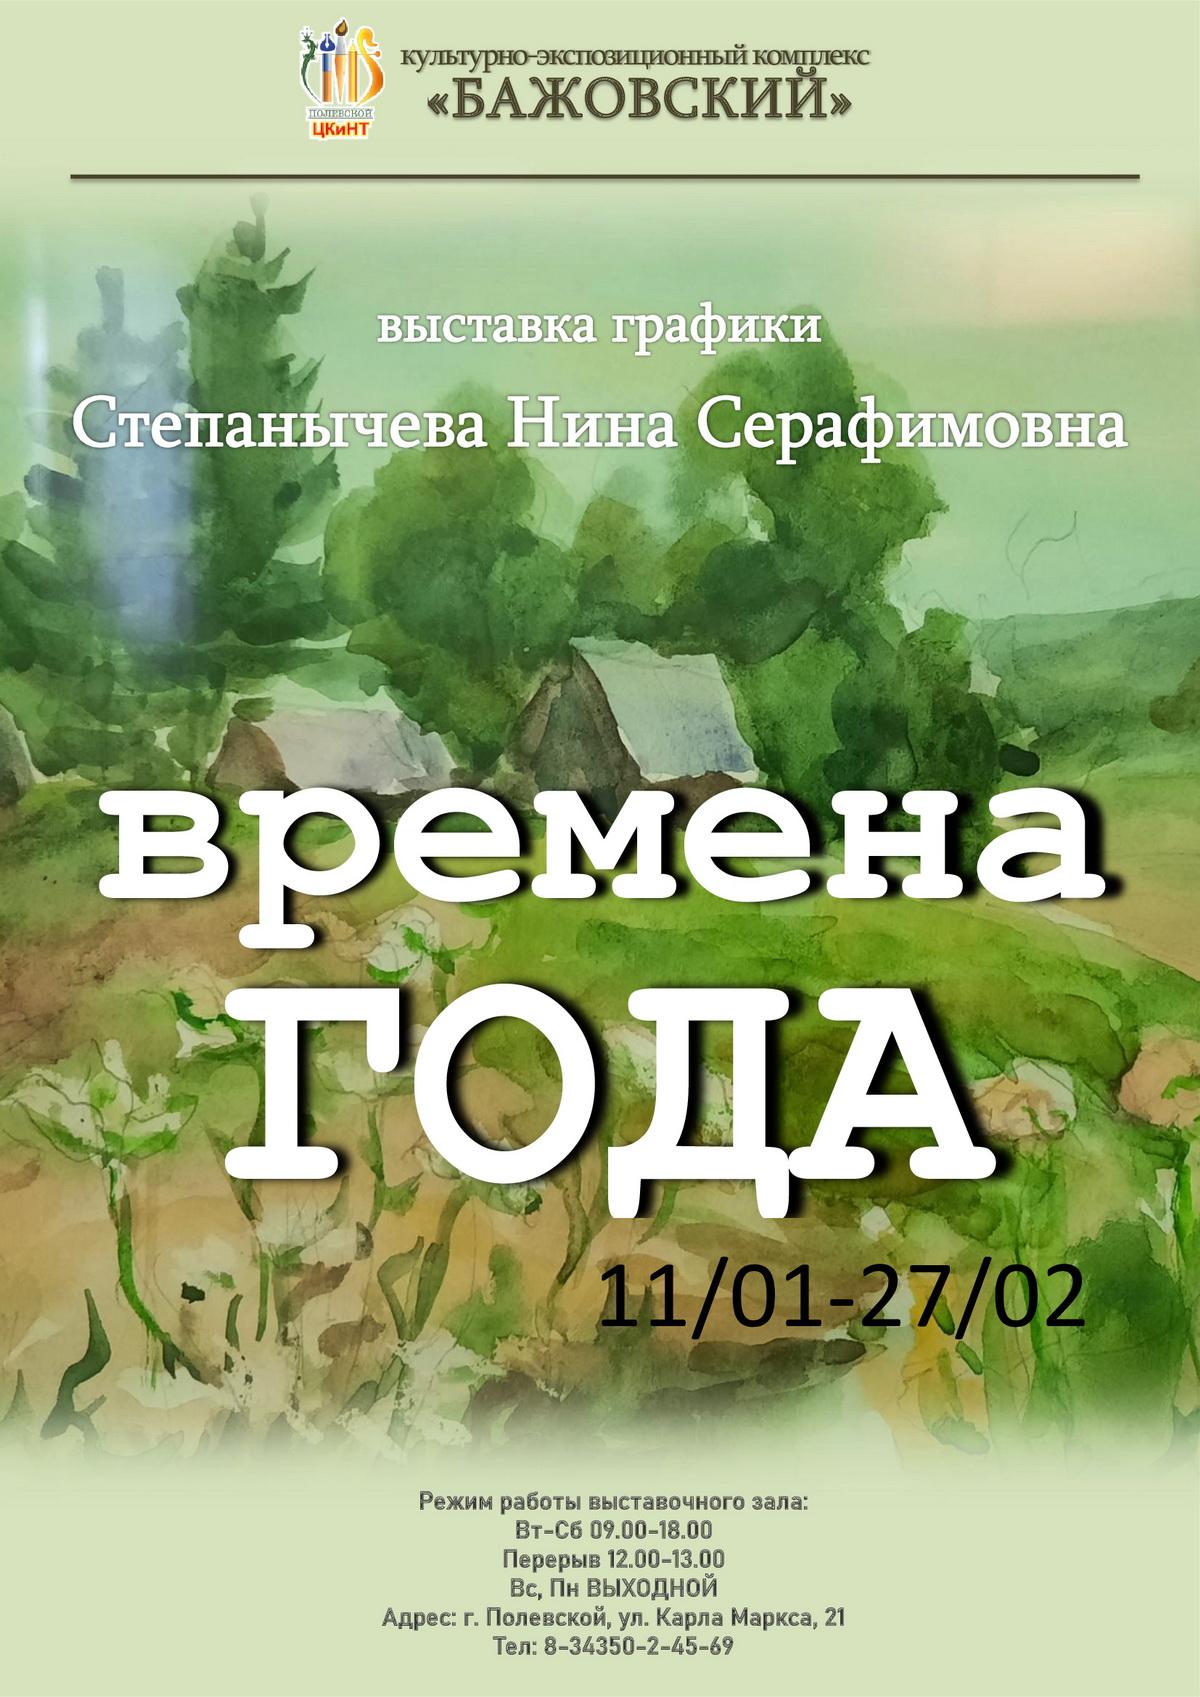 Выставка Степанычевой Нины Серафимовны «Времена года»